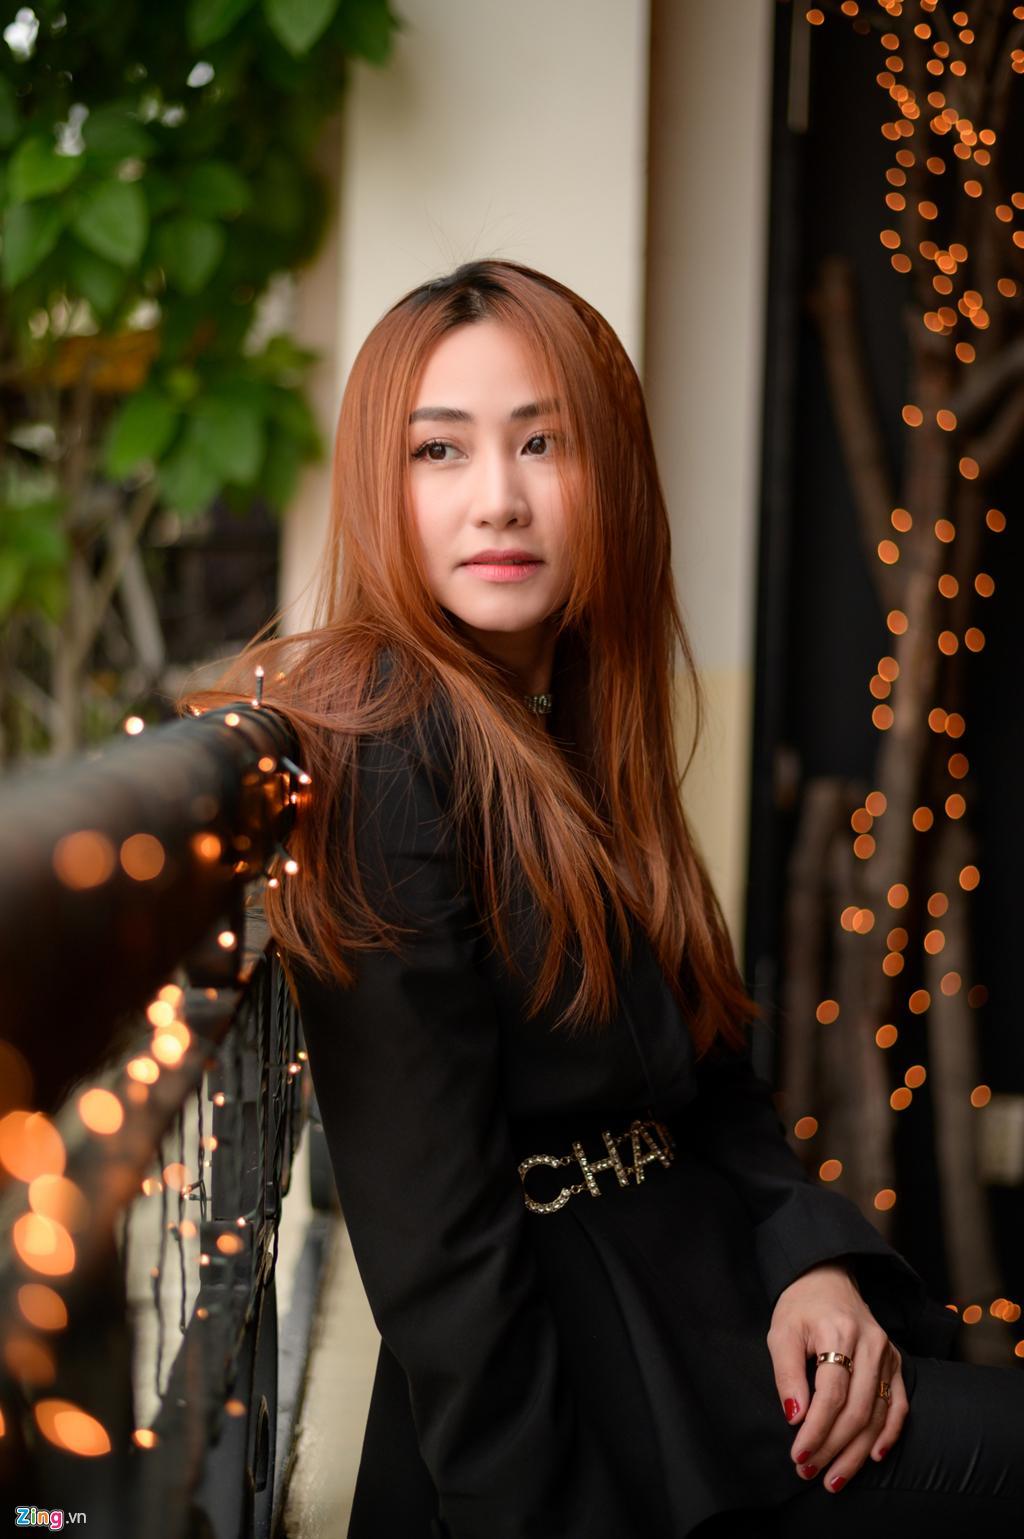 Ngân Khánh: 'Vợ chồng tôi căng thẳng chuyện sinh con sau 4 năm cưới' Ảnh 3